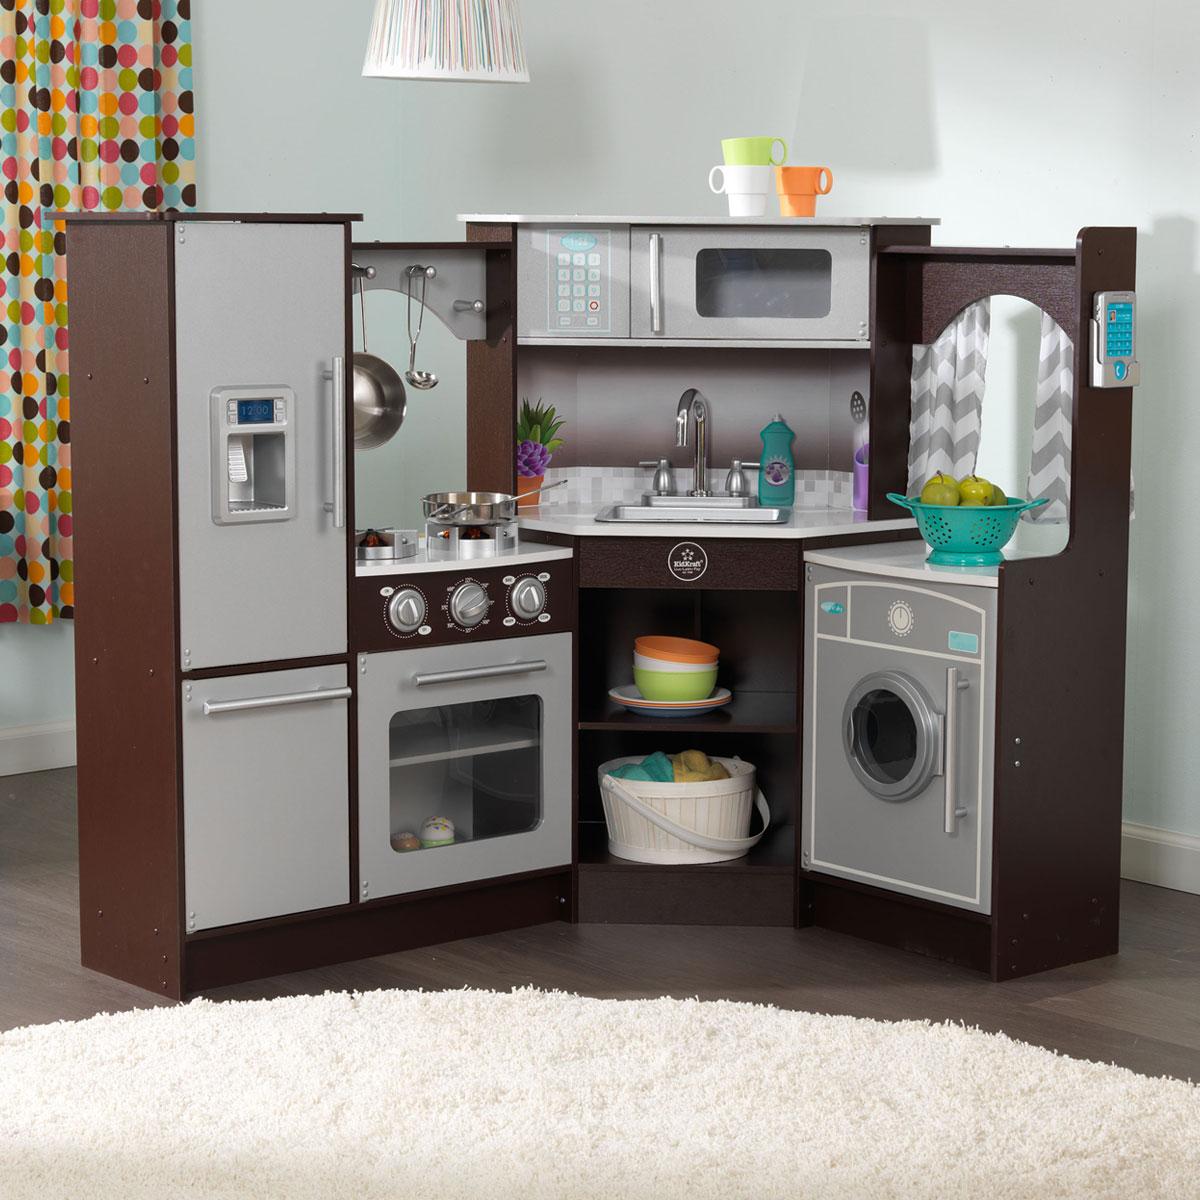 kidkraft ultimative eck spielk che mit licht sound aus holz 53365. Black Bedroom Furniture Sets. Home Design Ideas